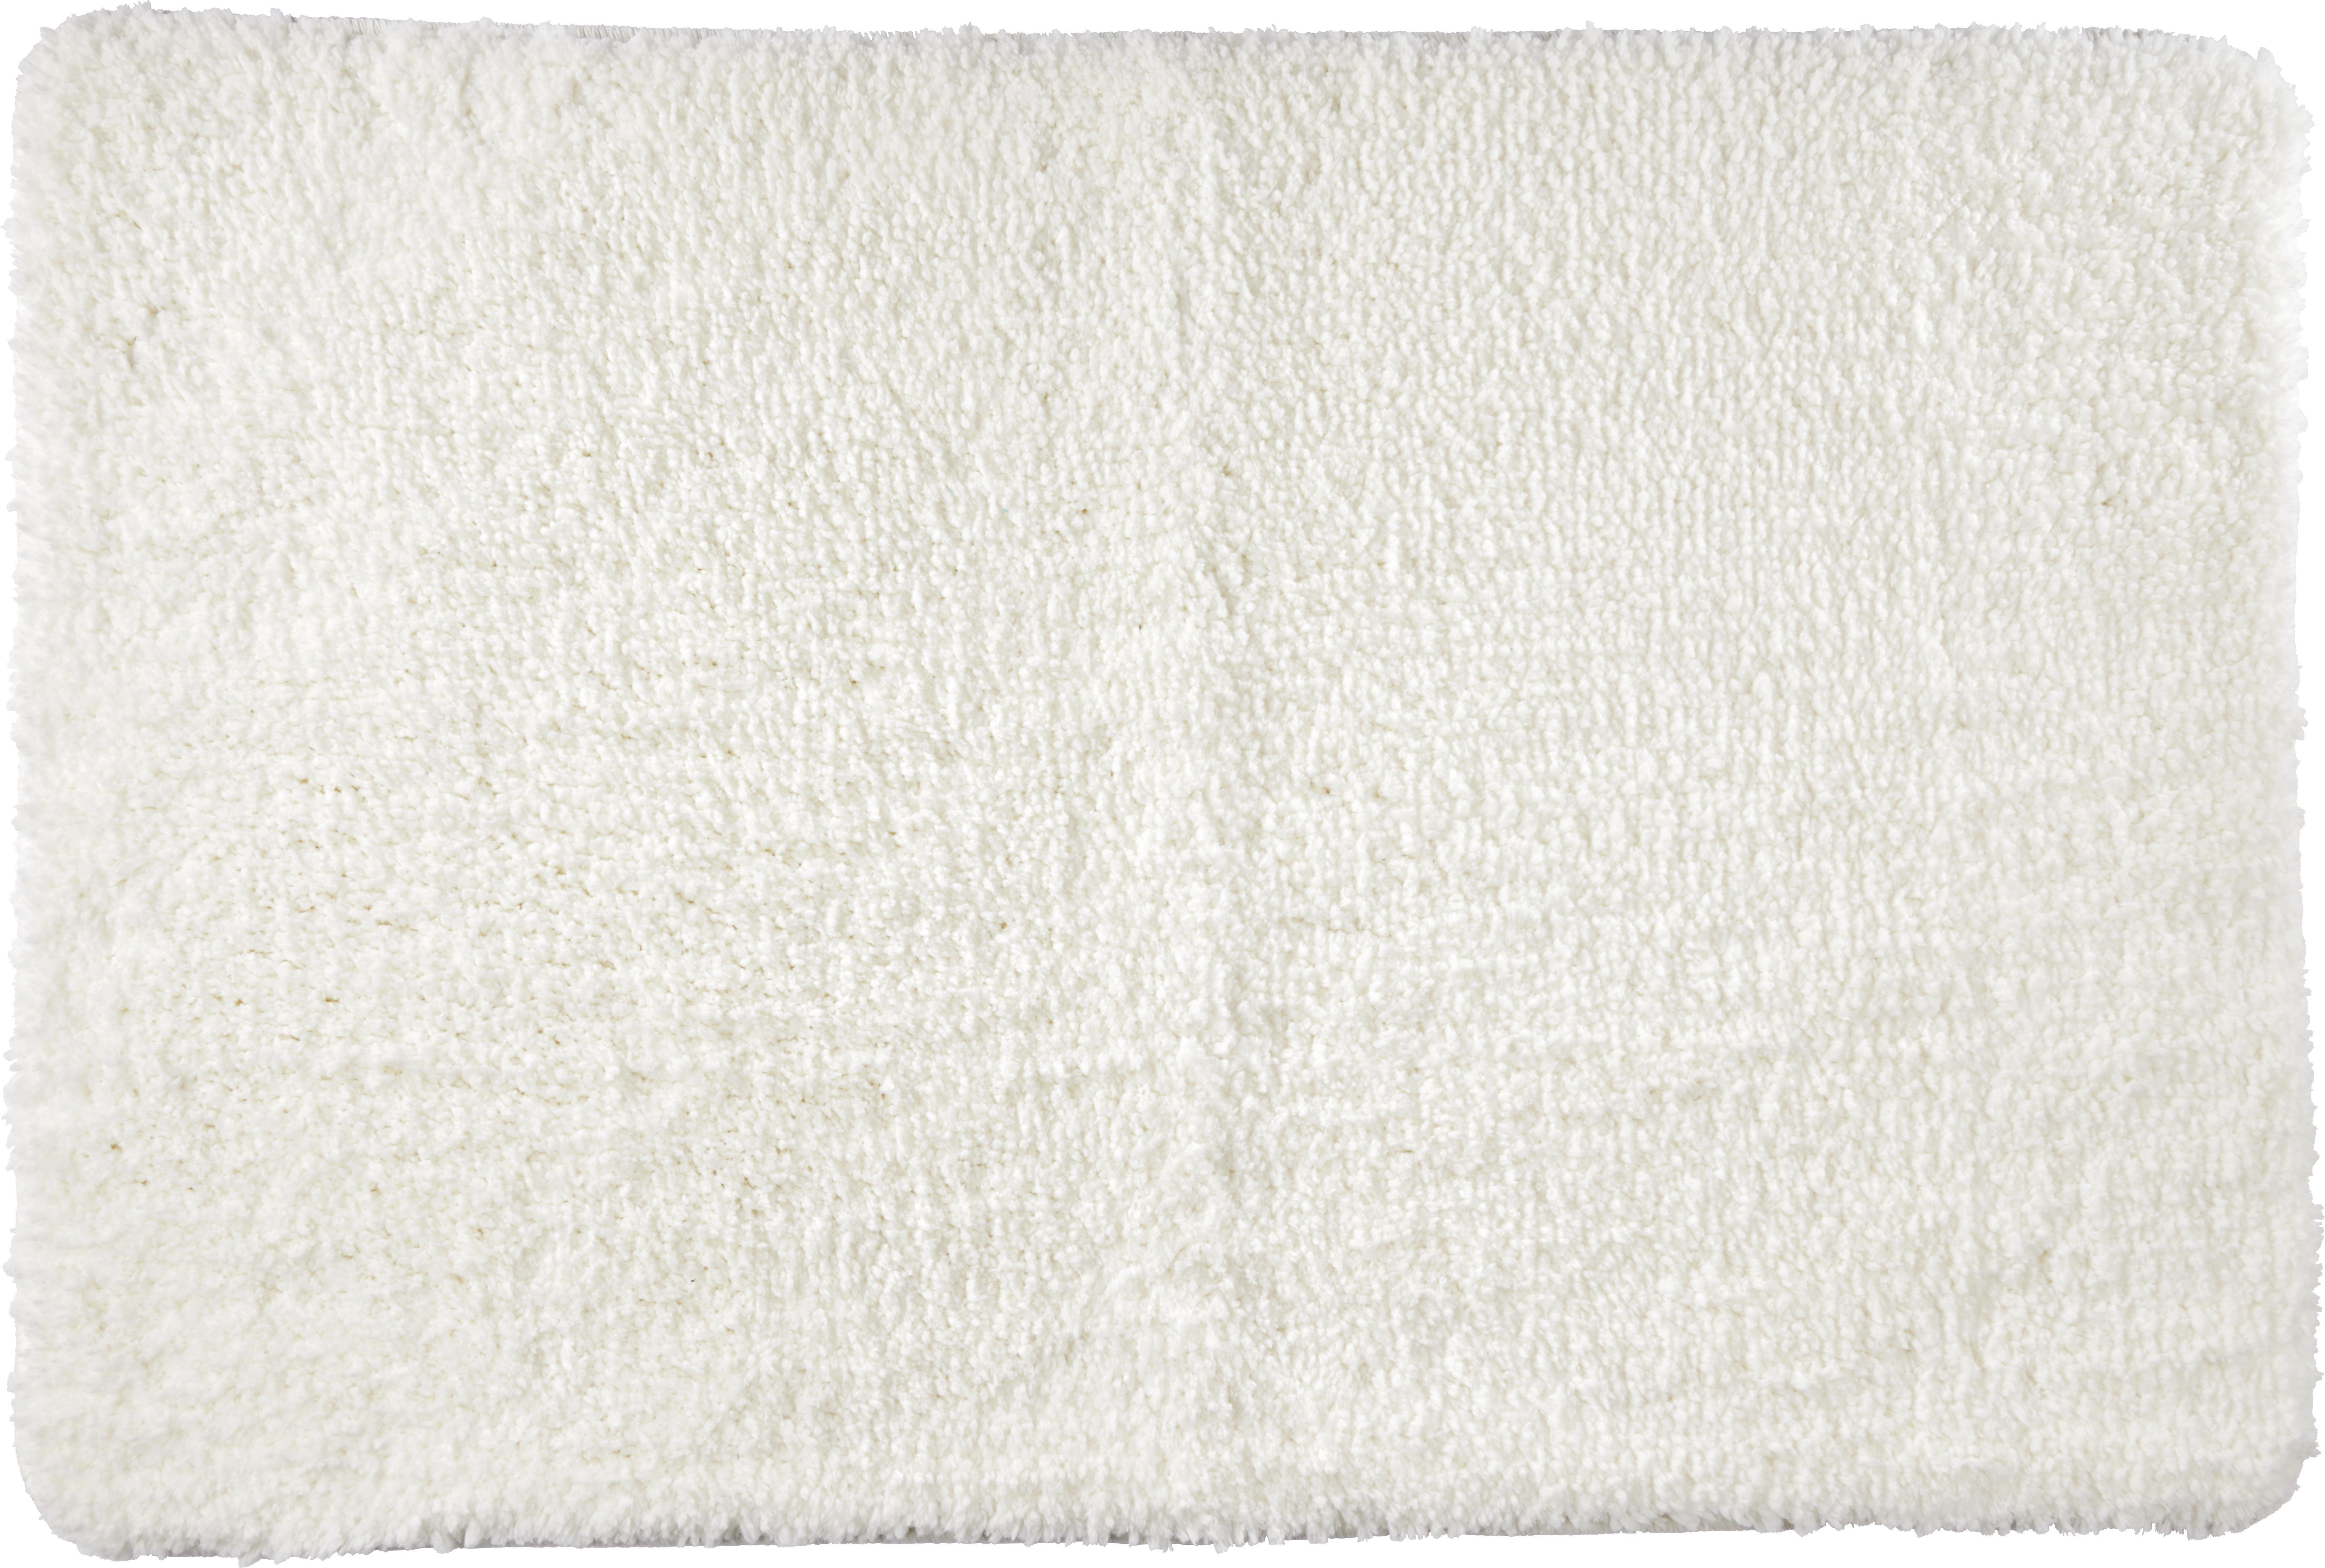 Fürdőszobaszőnyeg Christina - fehér, textil (60/90cm) - MÖMAX modern living